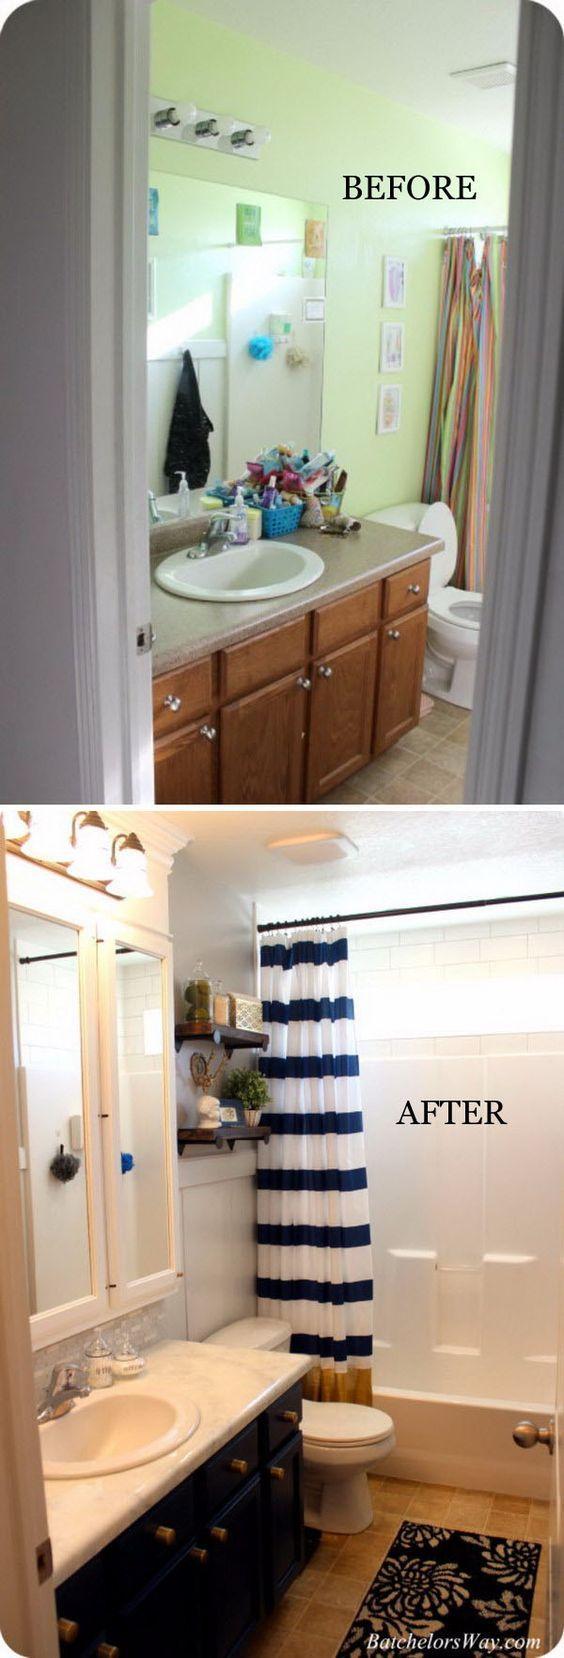 remodelaci n de ba os antes y despu s remodelaci n de ba os antes y despu s pinterest. Black Bedroom Furniture Sets. Home Design Ideas